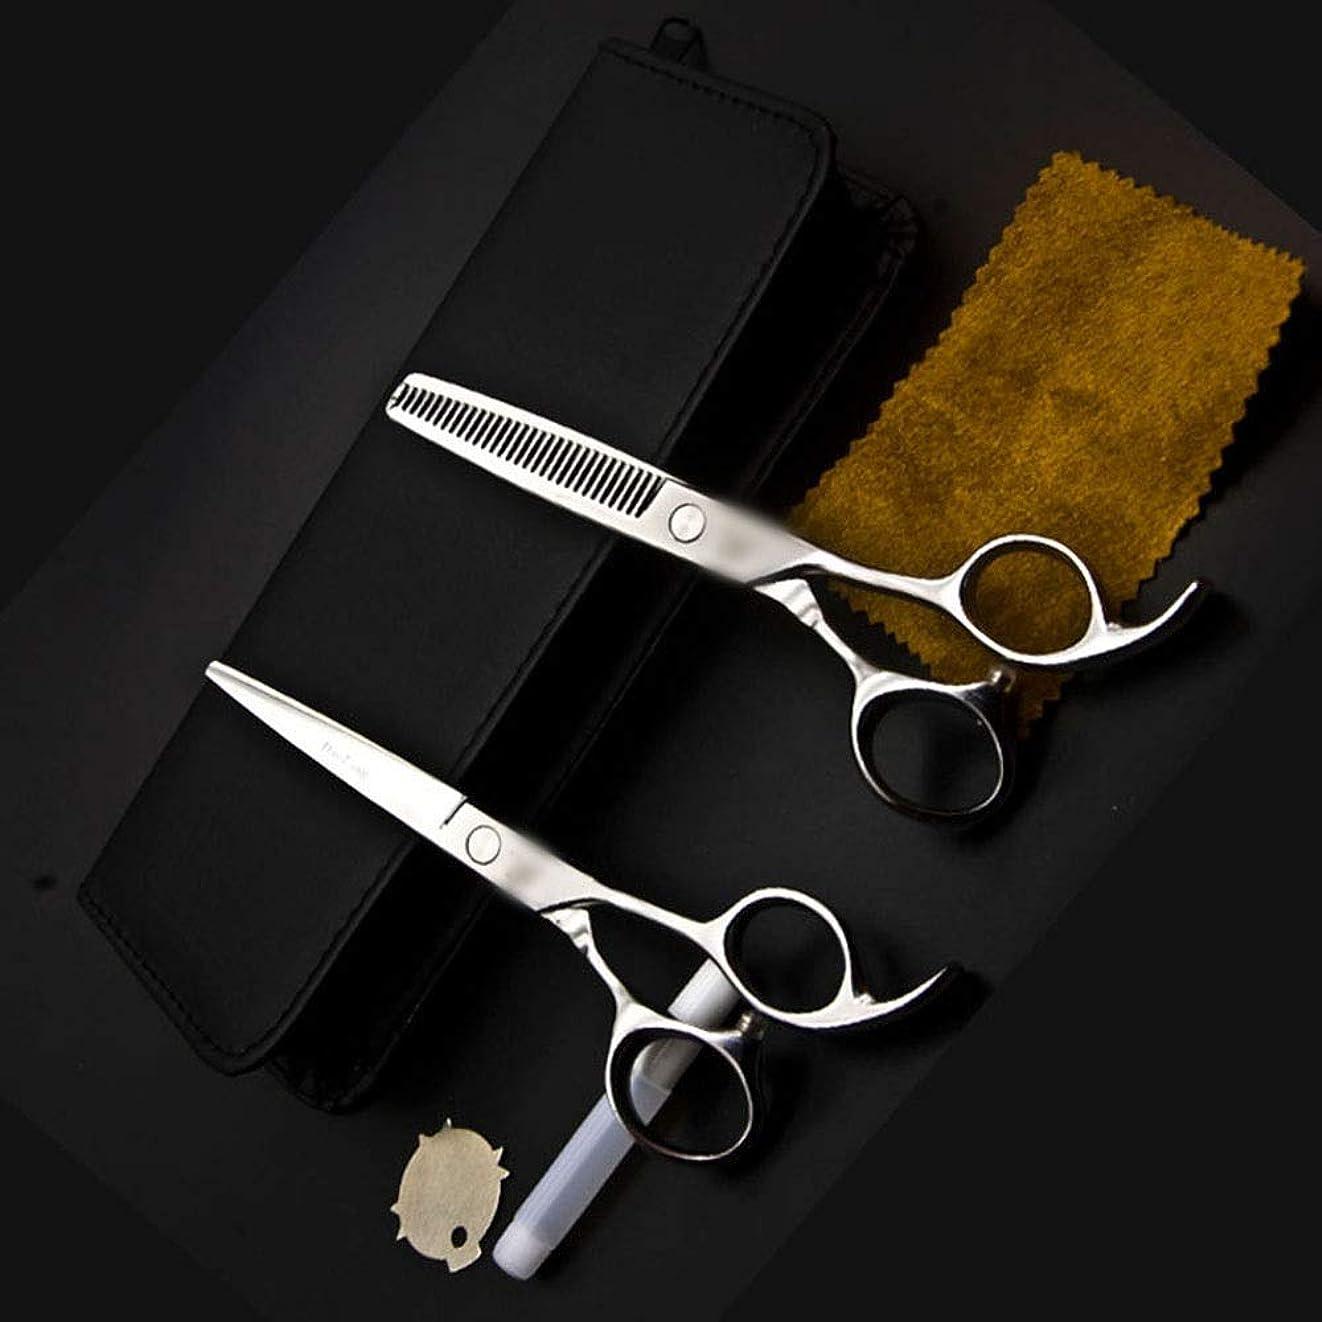 アラブ立法立方体Goodsok-jp 6インチの美容院の専門の理髪セット理髪はさみセット (色 : Silver)